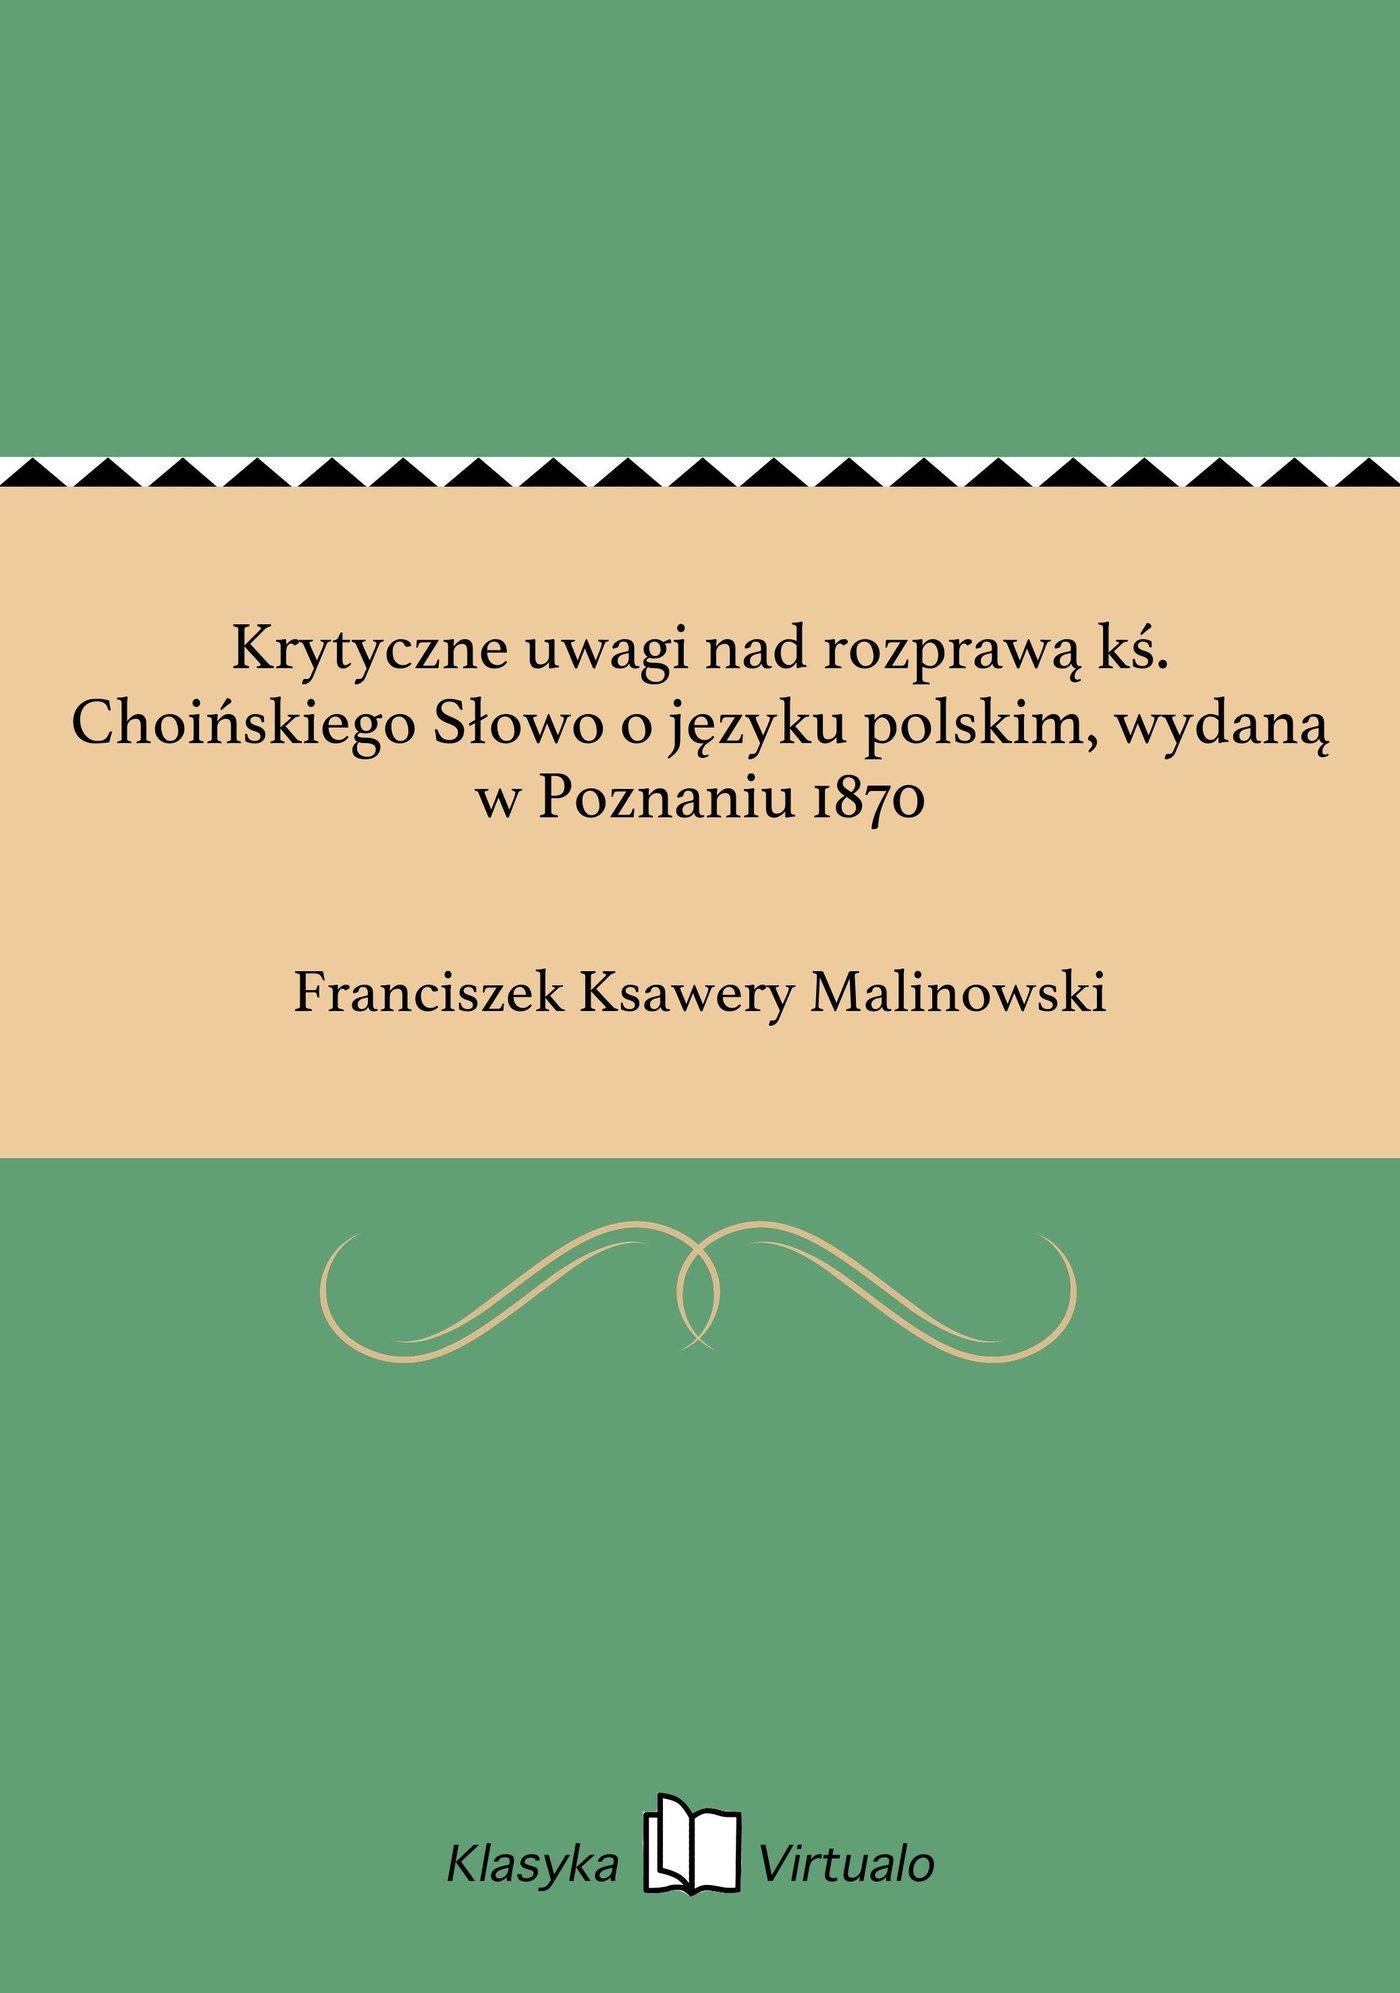 Krytyczne uwagi nad rozprawą kś. Choińskiego Słowo o języku polskim, wydaną w Poznaniu 1870 - Ebook (Książka EPUB) do pobrania w formacie EPUB